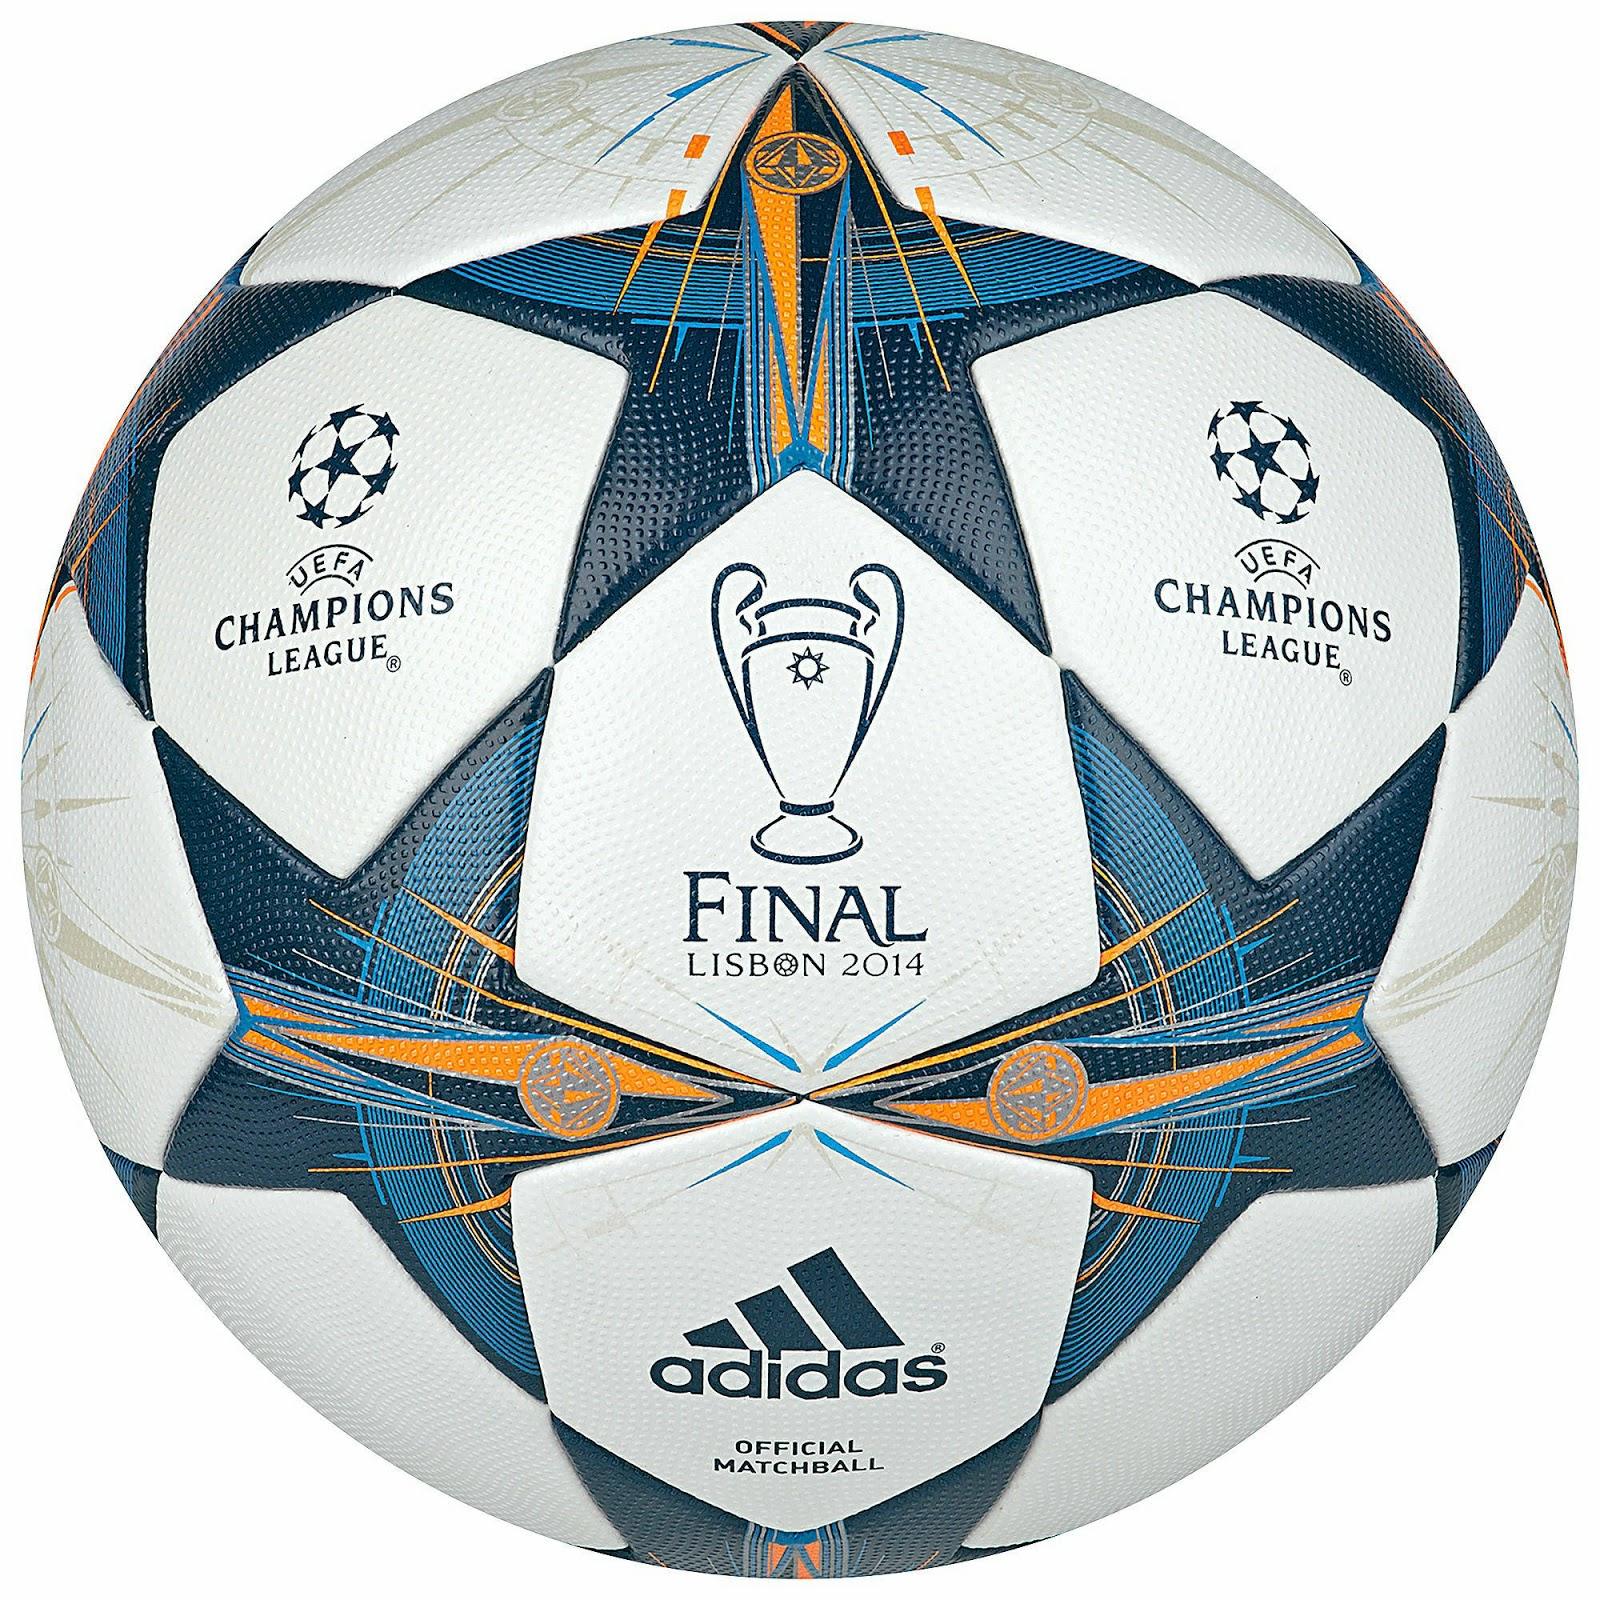 ... o novo adidas Finale Lisboa bola não apresenta as cores vermelho    preto conhecidas do Benfica. Adidas Finale O novo jogo oficial 14 Ball  (OMB) ... 13a705bb14aad